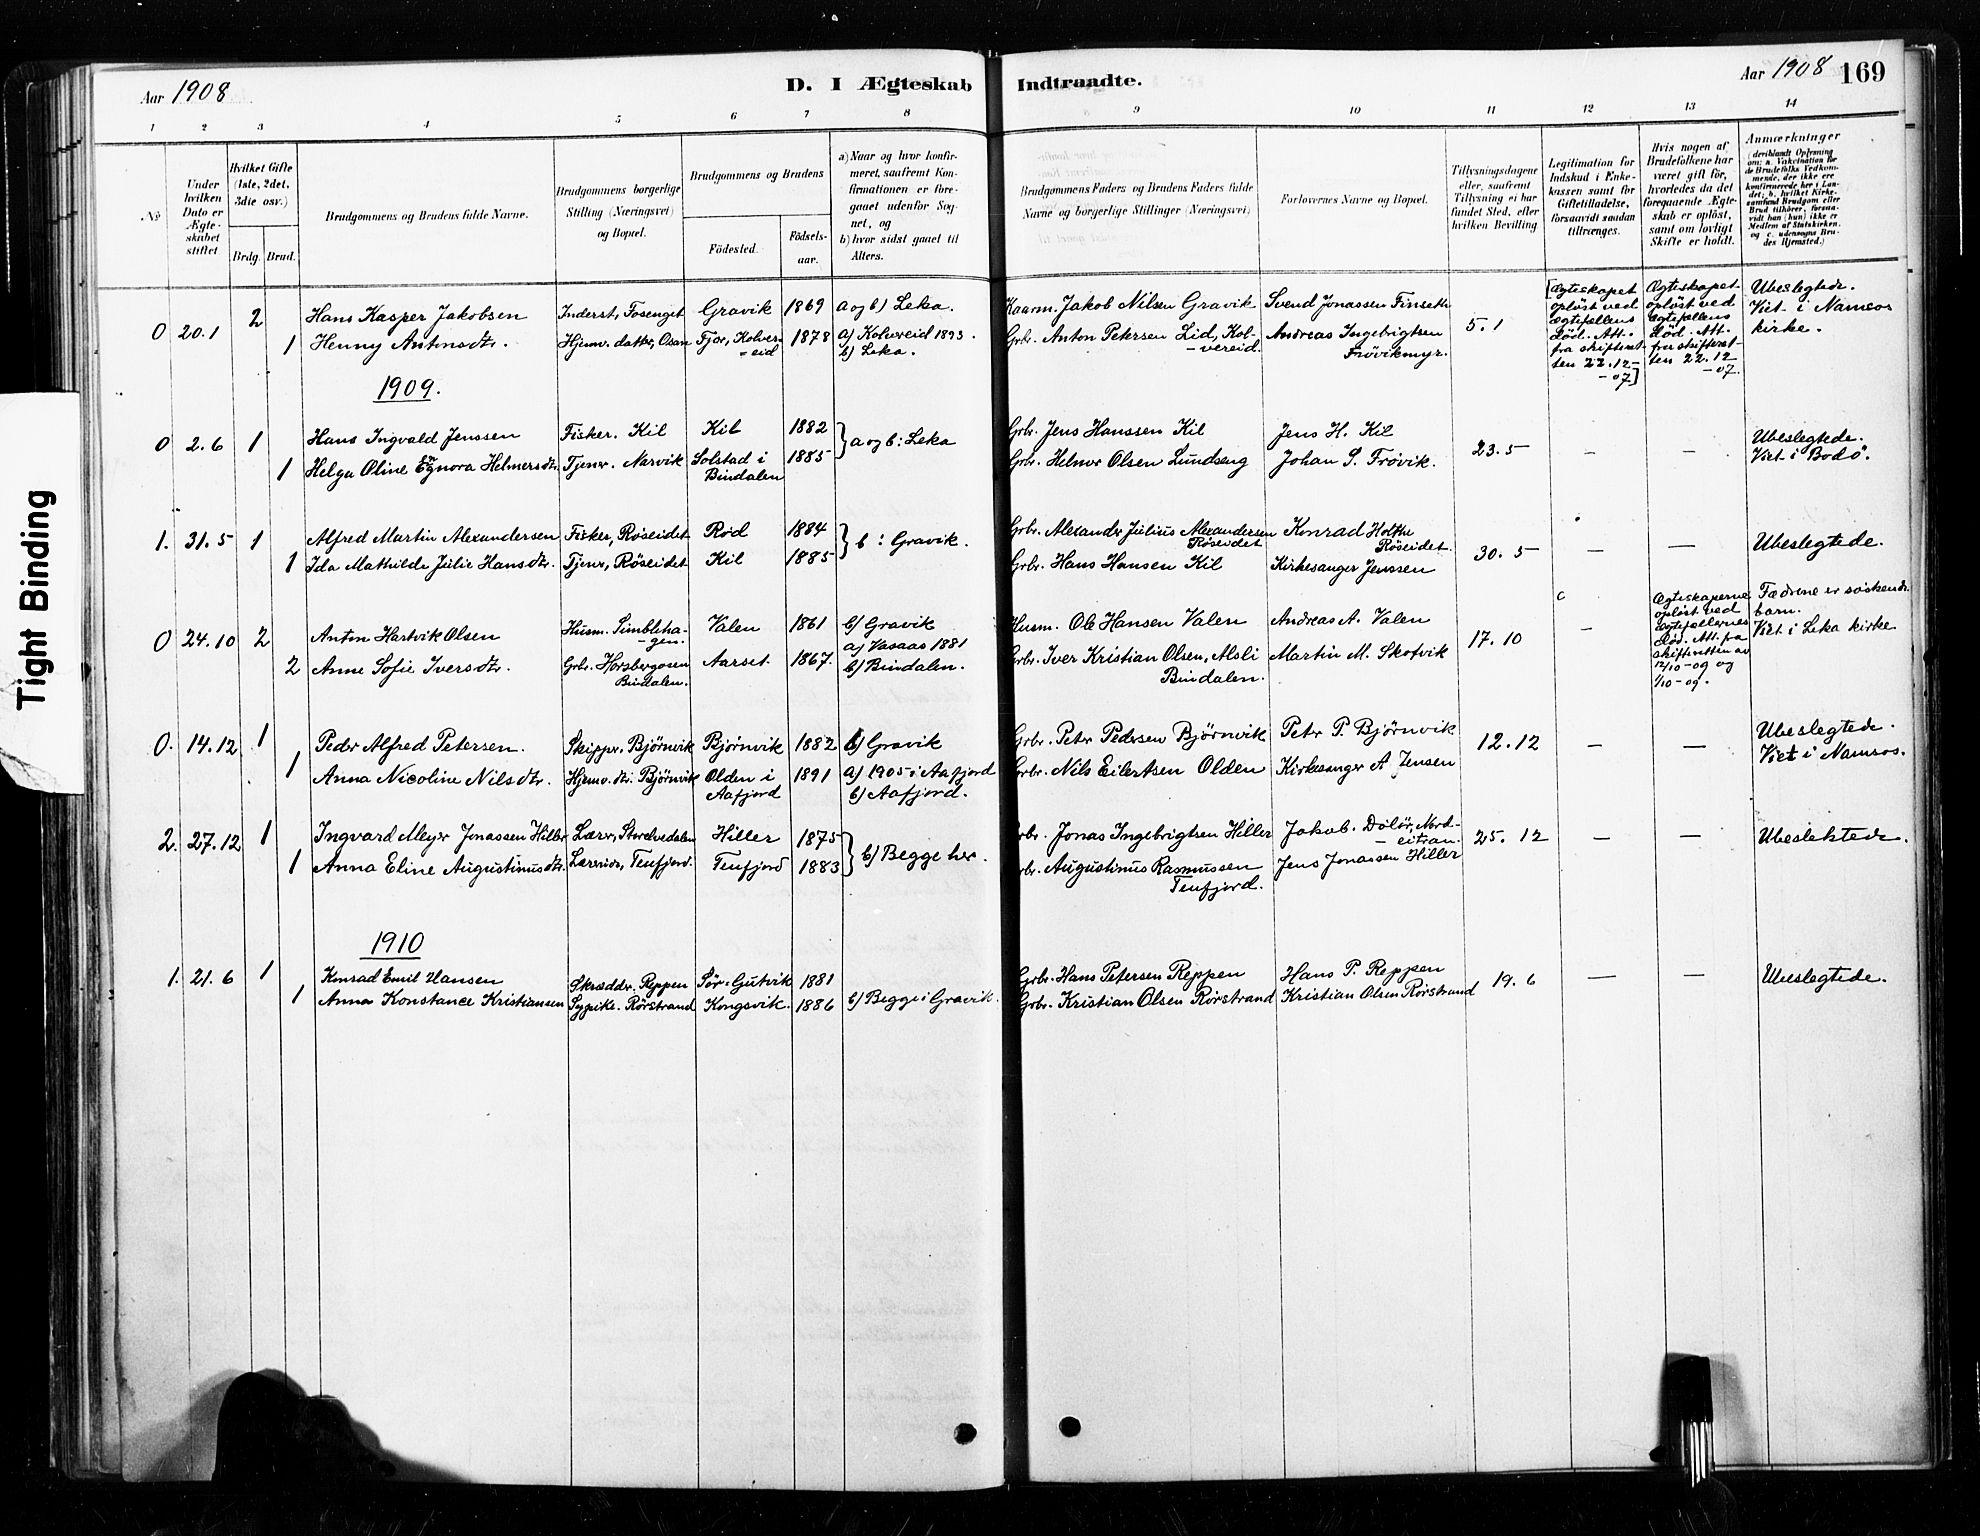 SAT, Ministerialprotokoller, klokkerbøker og fødselsregistre - Nord-Trøndelag, 789/L0705: Ministerialbok nr. 789A01, 1878-1910, s. 169